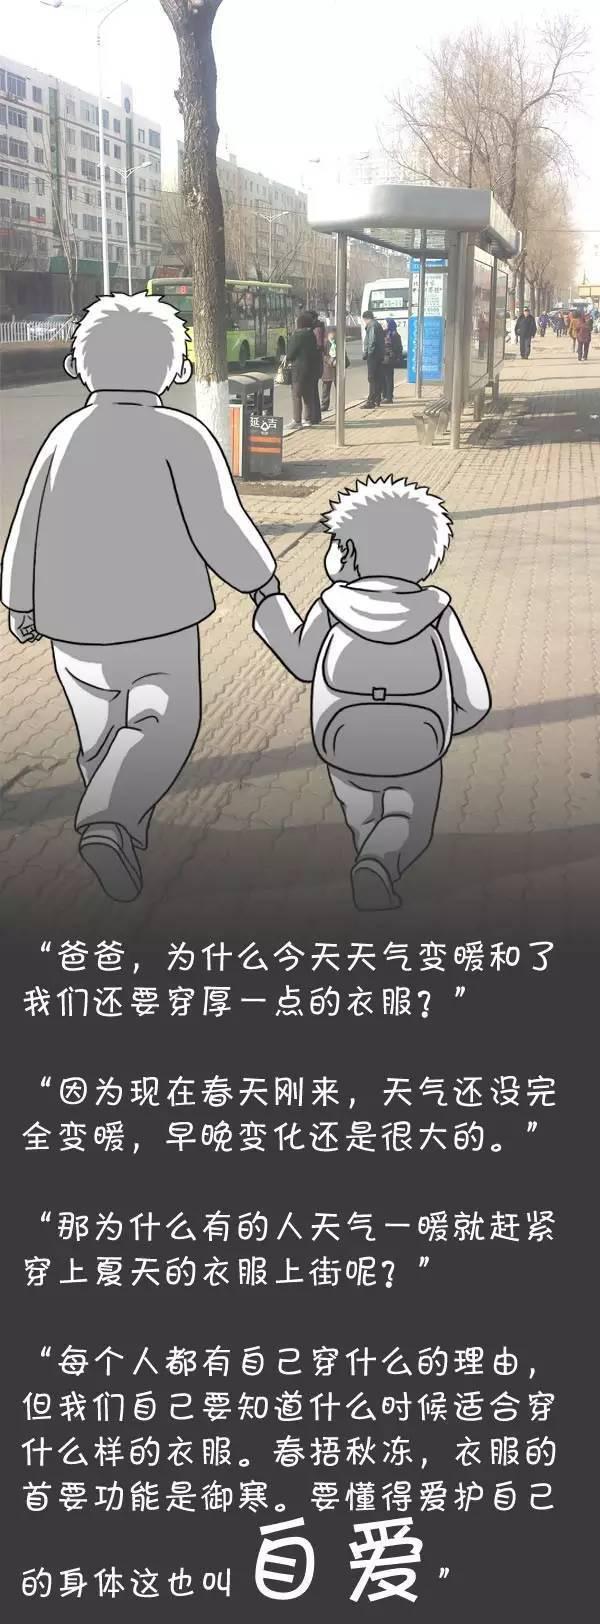 《爸爸说》